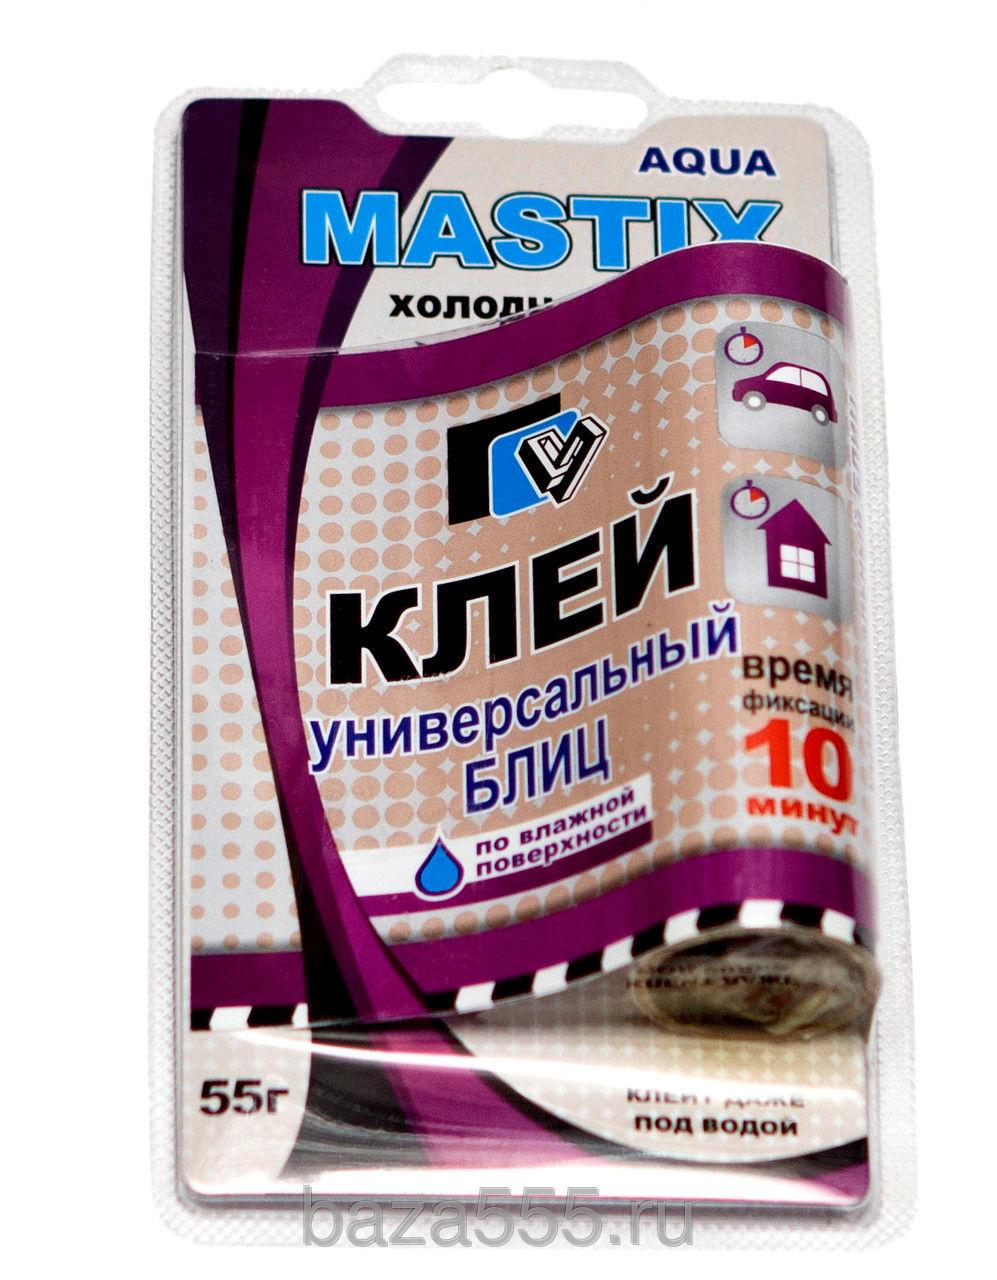 holodnaja svarka mastix 3 - Холодная сварка mastix для металла отзывы 2018